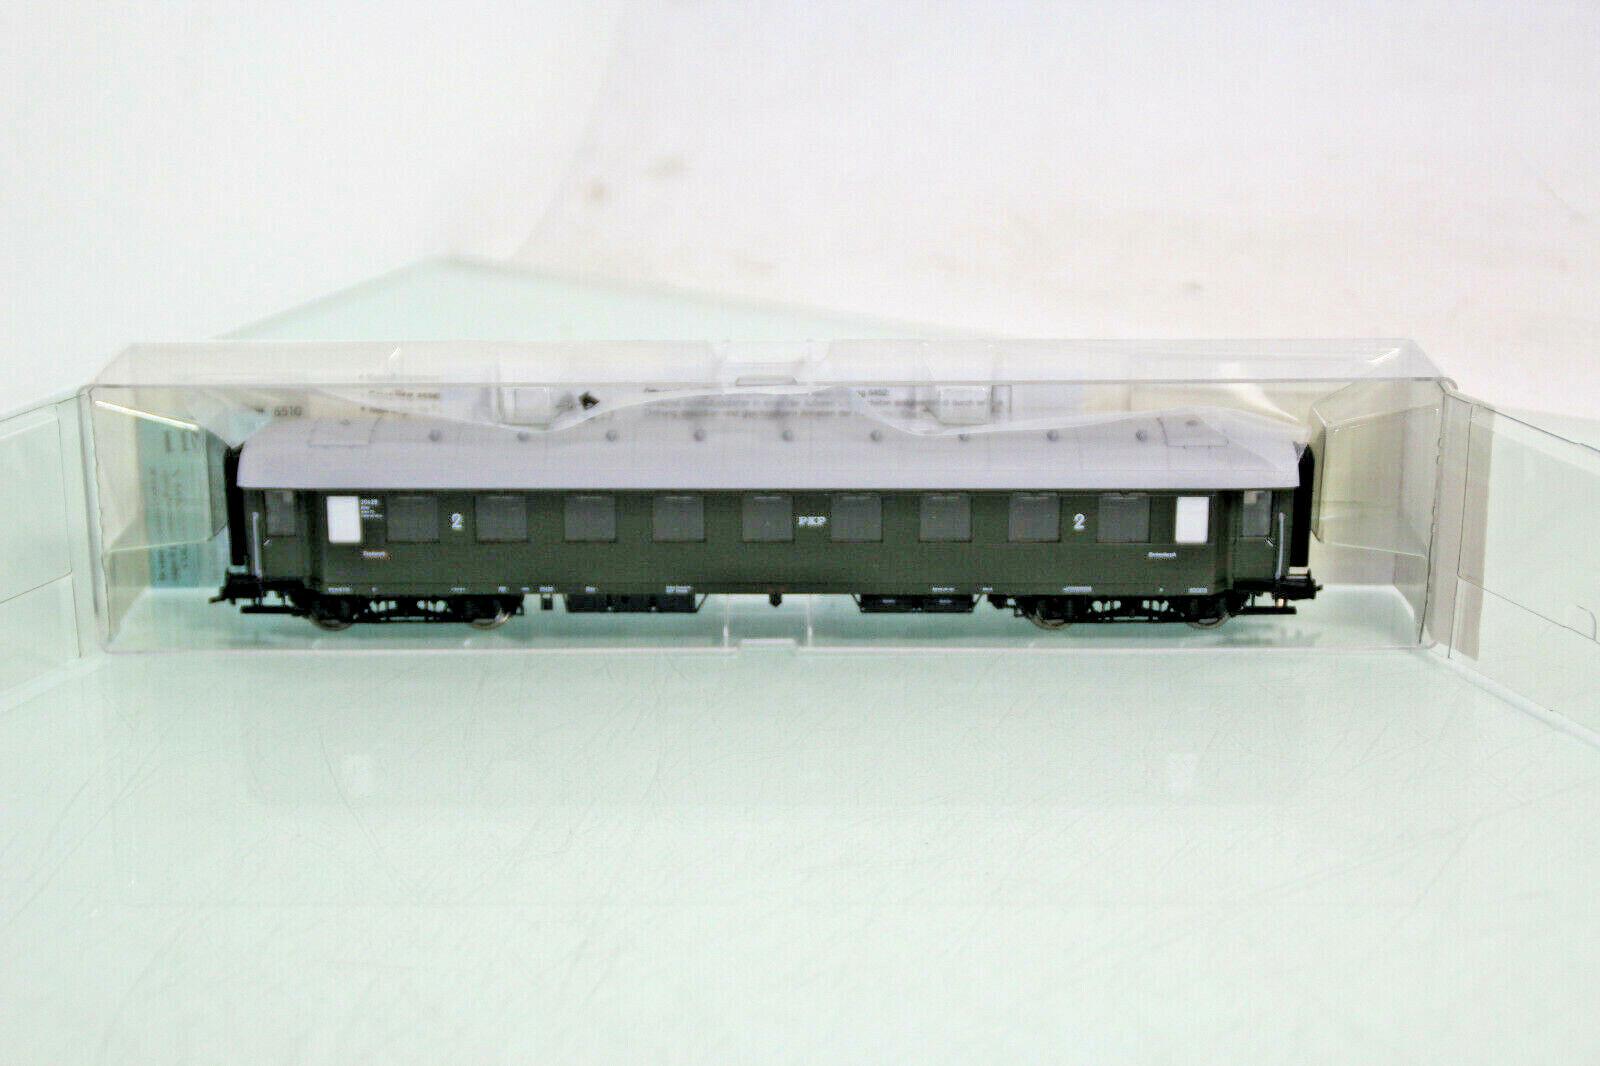 Fleischuomon h0 563204 K vagoni 2.kl PKP KKK come nuovo in scatola originale hs121